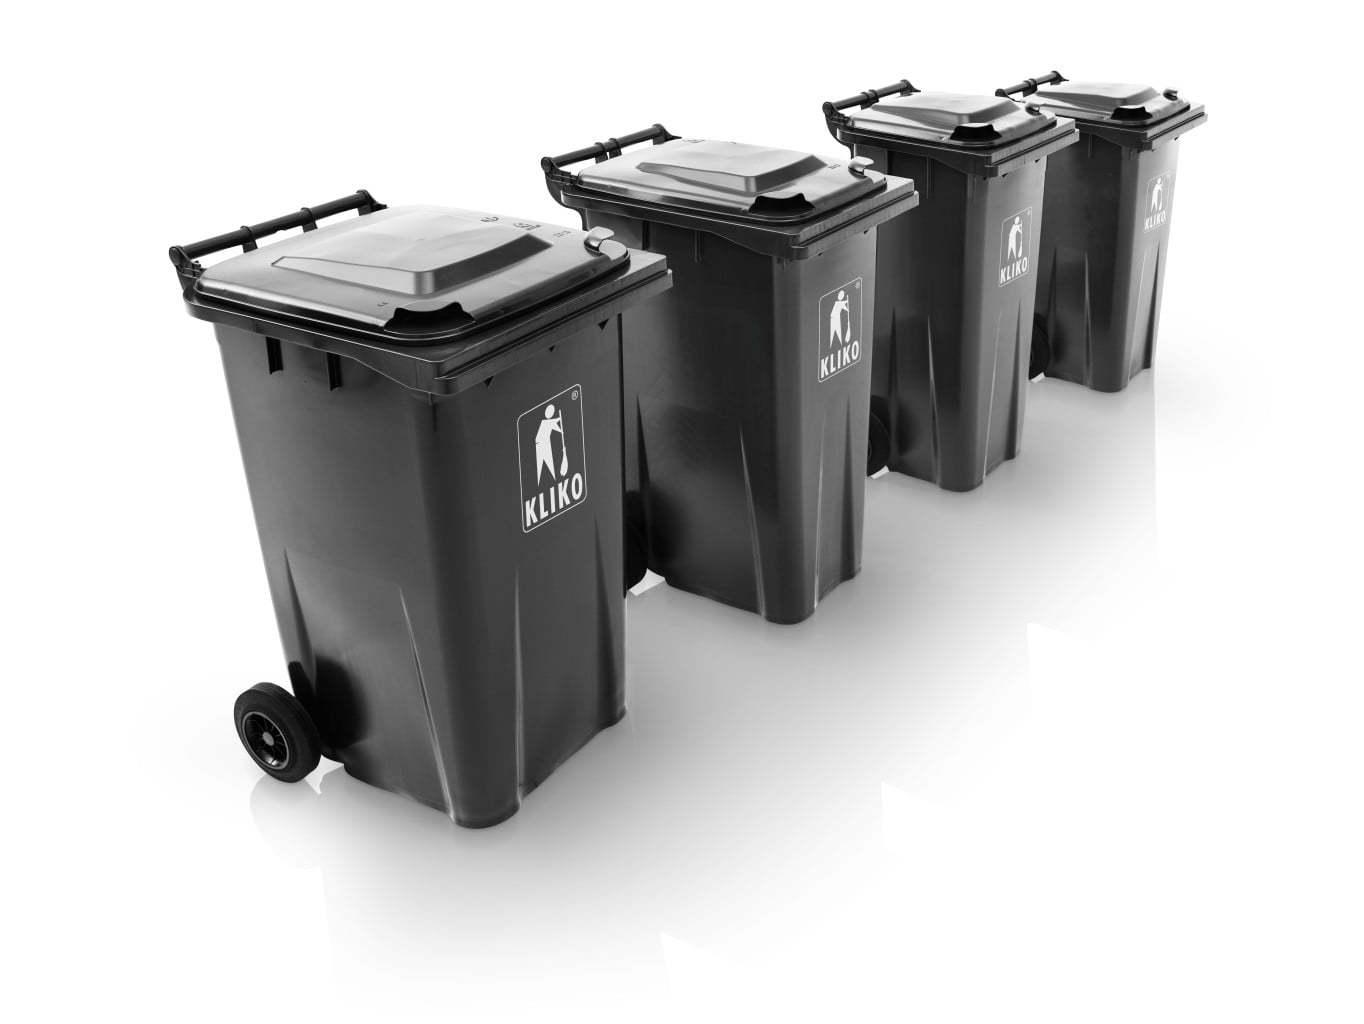 مخزن زباله KLIKO